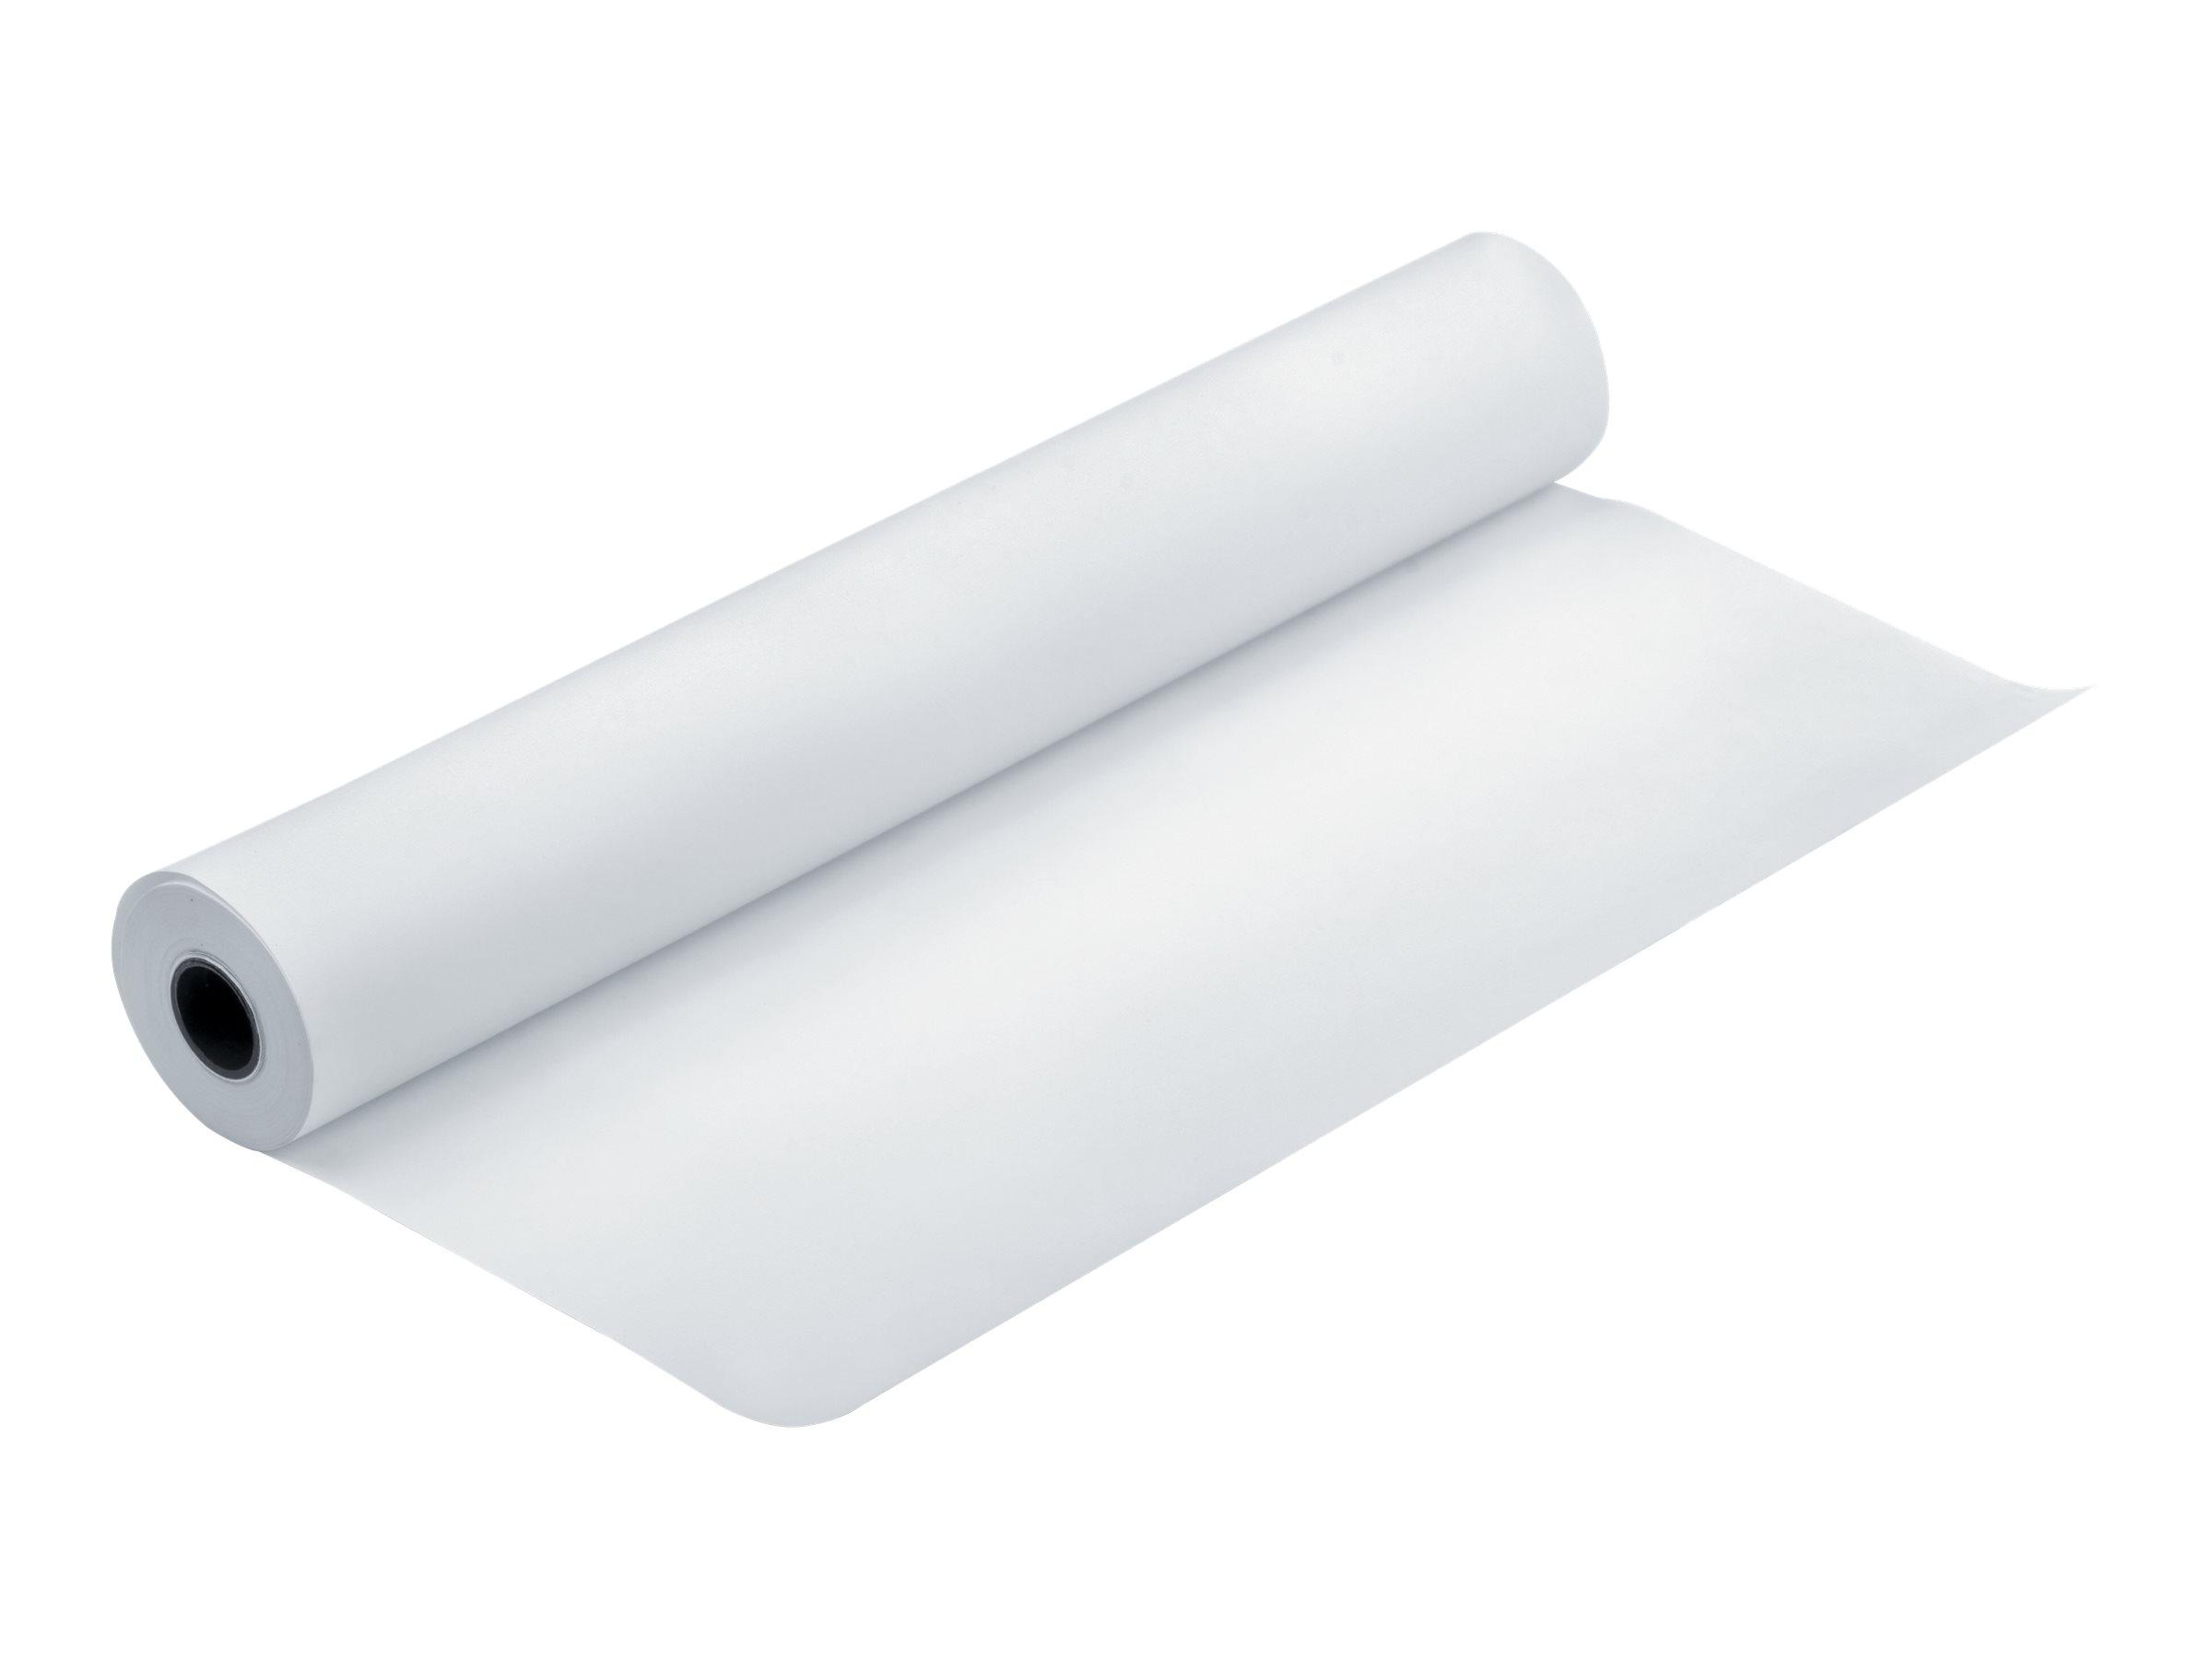 Epson Premium Semimatte Photo Paper (260) - Seidenmatt - Rolle (111,8 cm x 30,5 m) 1 Rolle(n) Fotopapier - für Stylus Pro 11880,